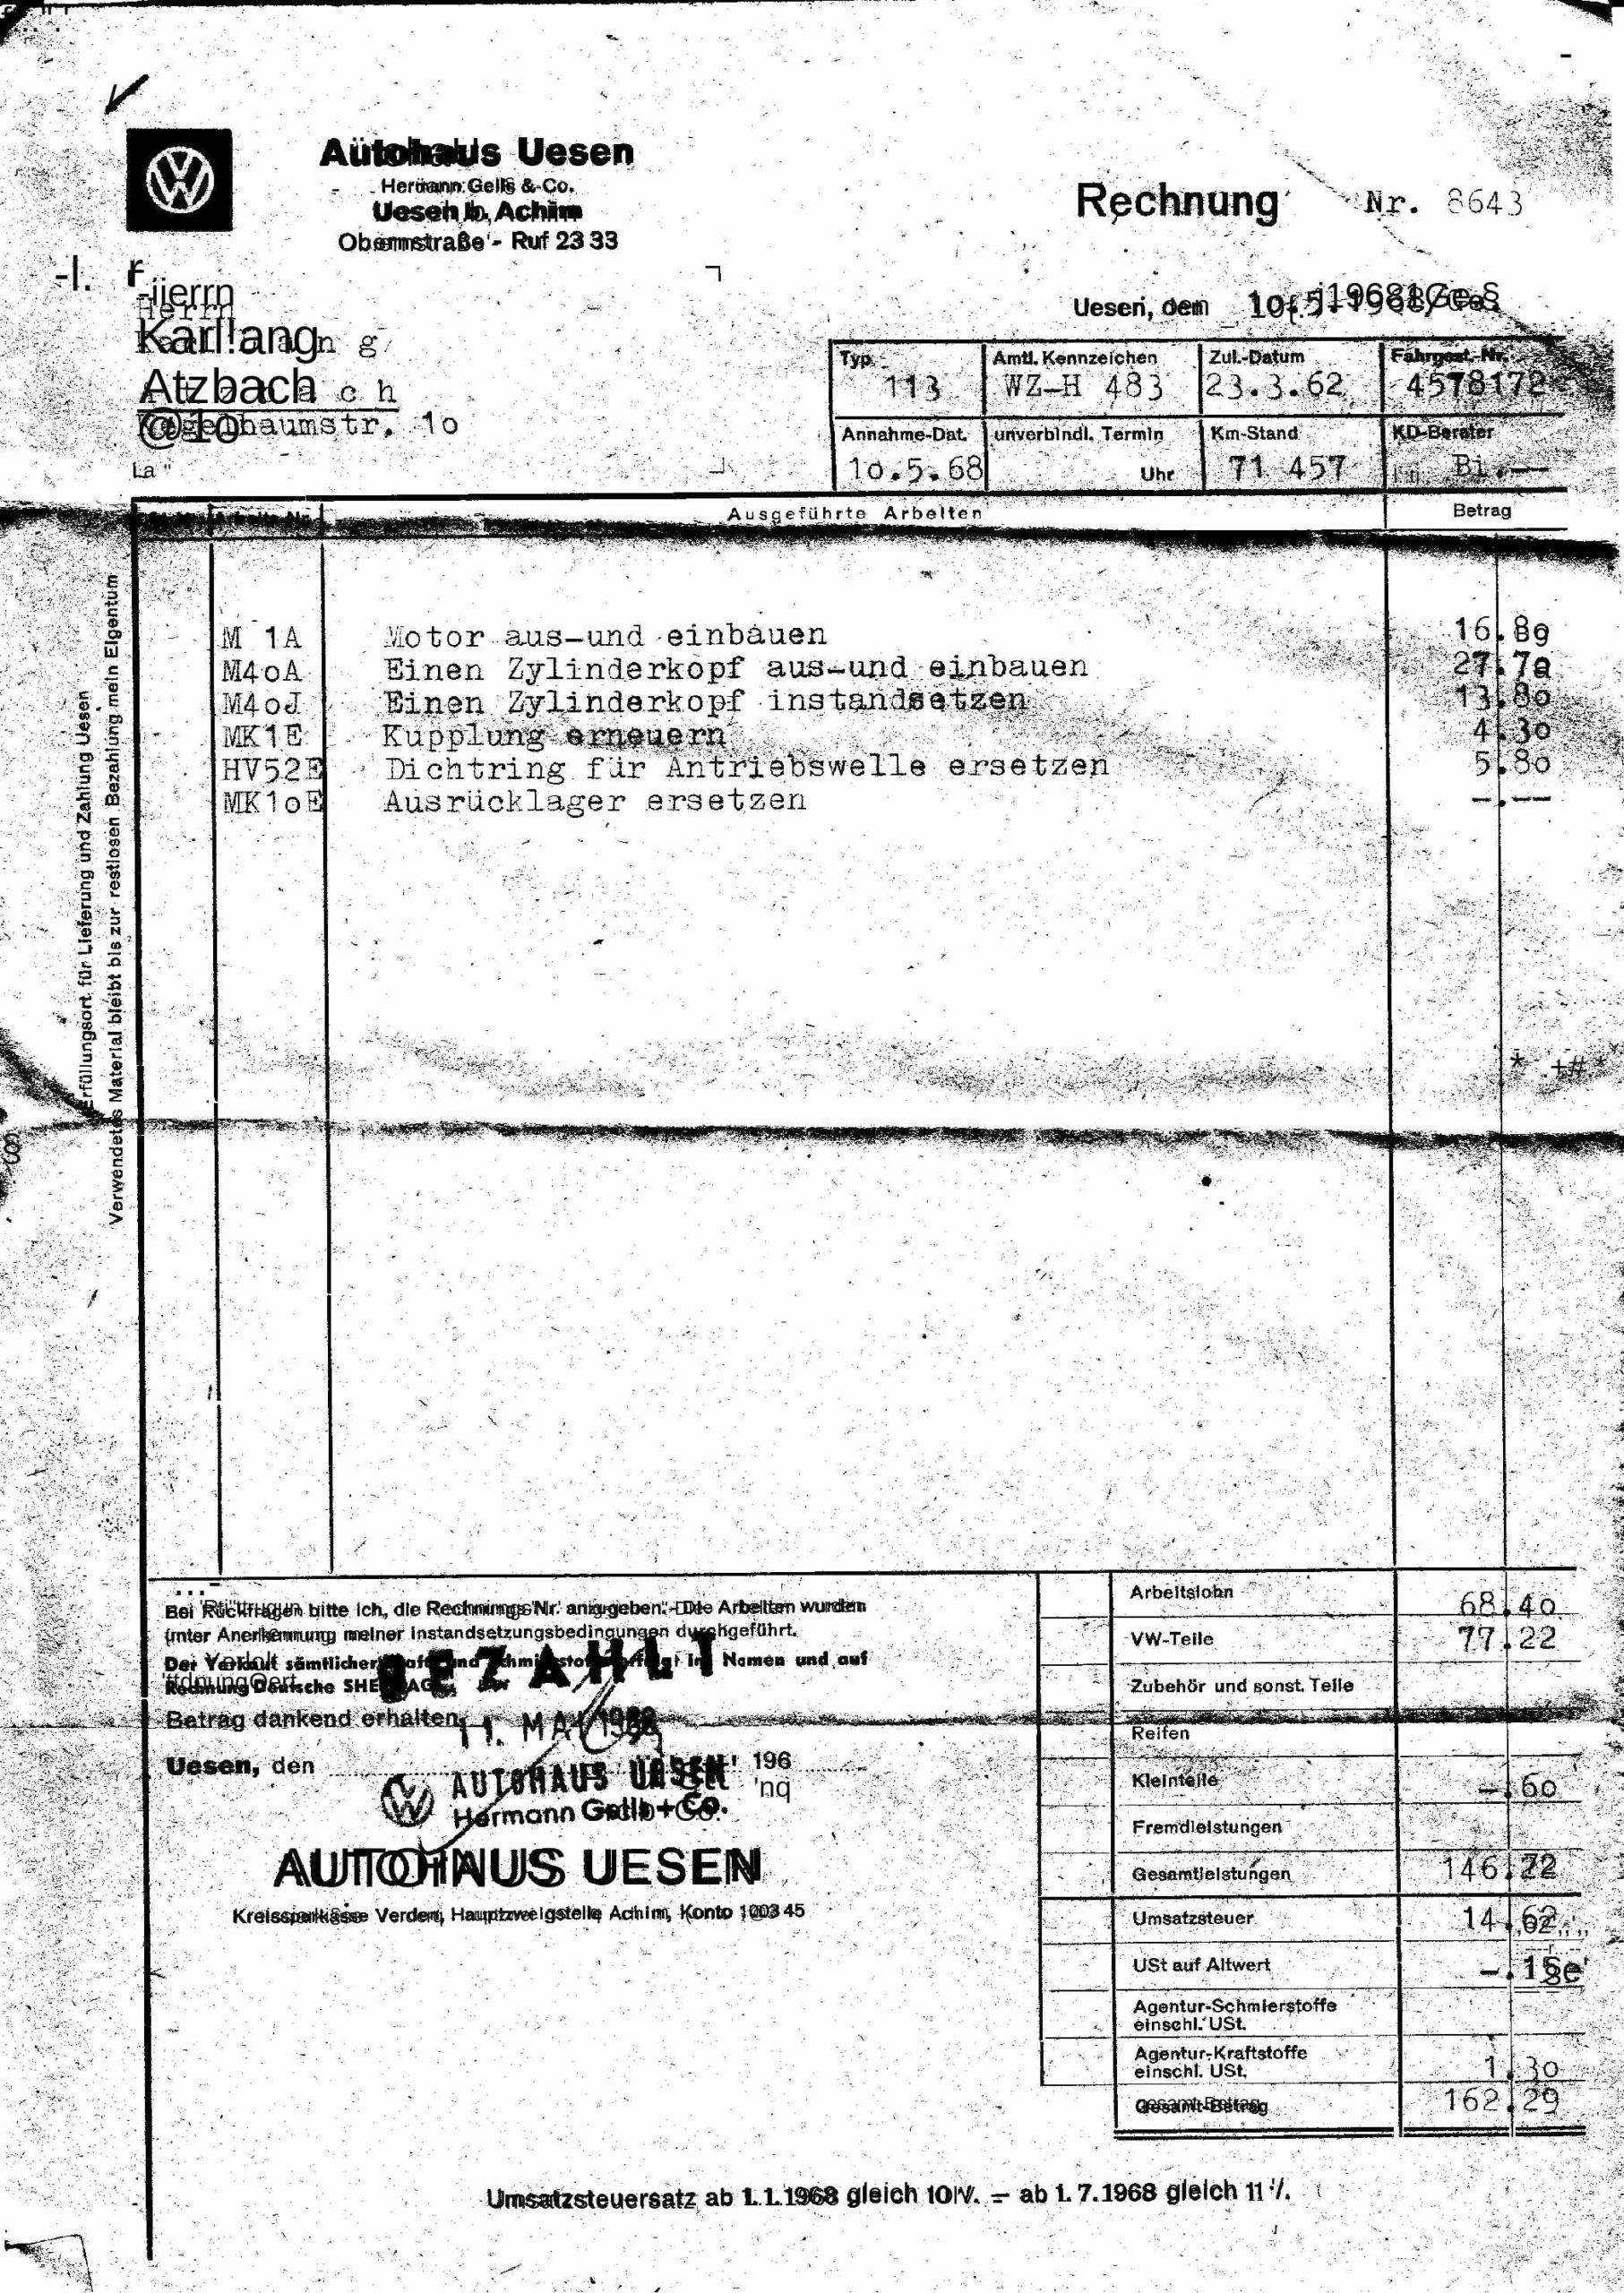 Autoreparatur 1968